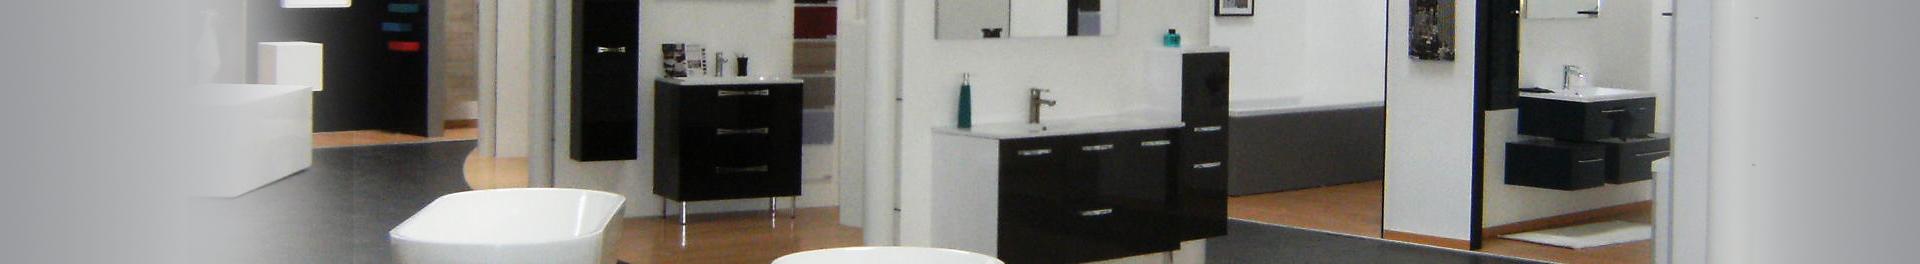 Distributeurs et fourniseurs de mobilier de salle de bain for Ou acheter salle de bain